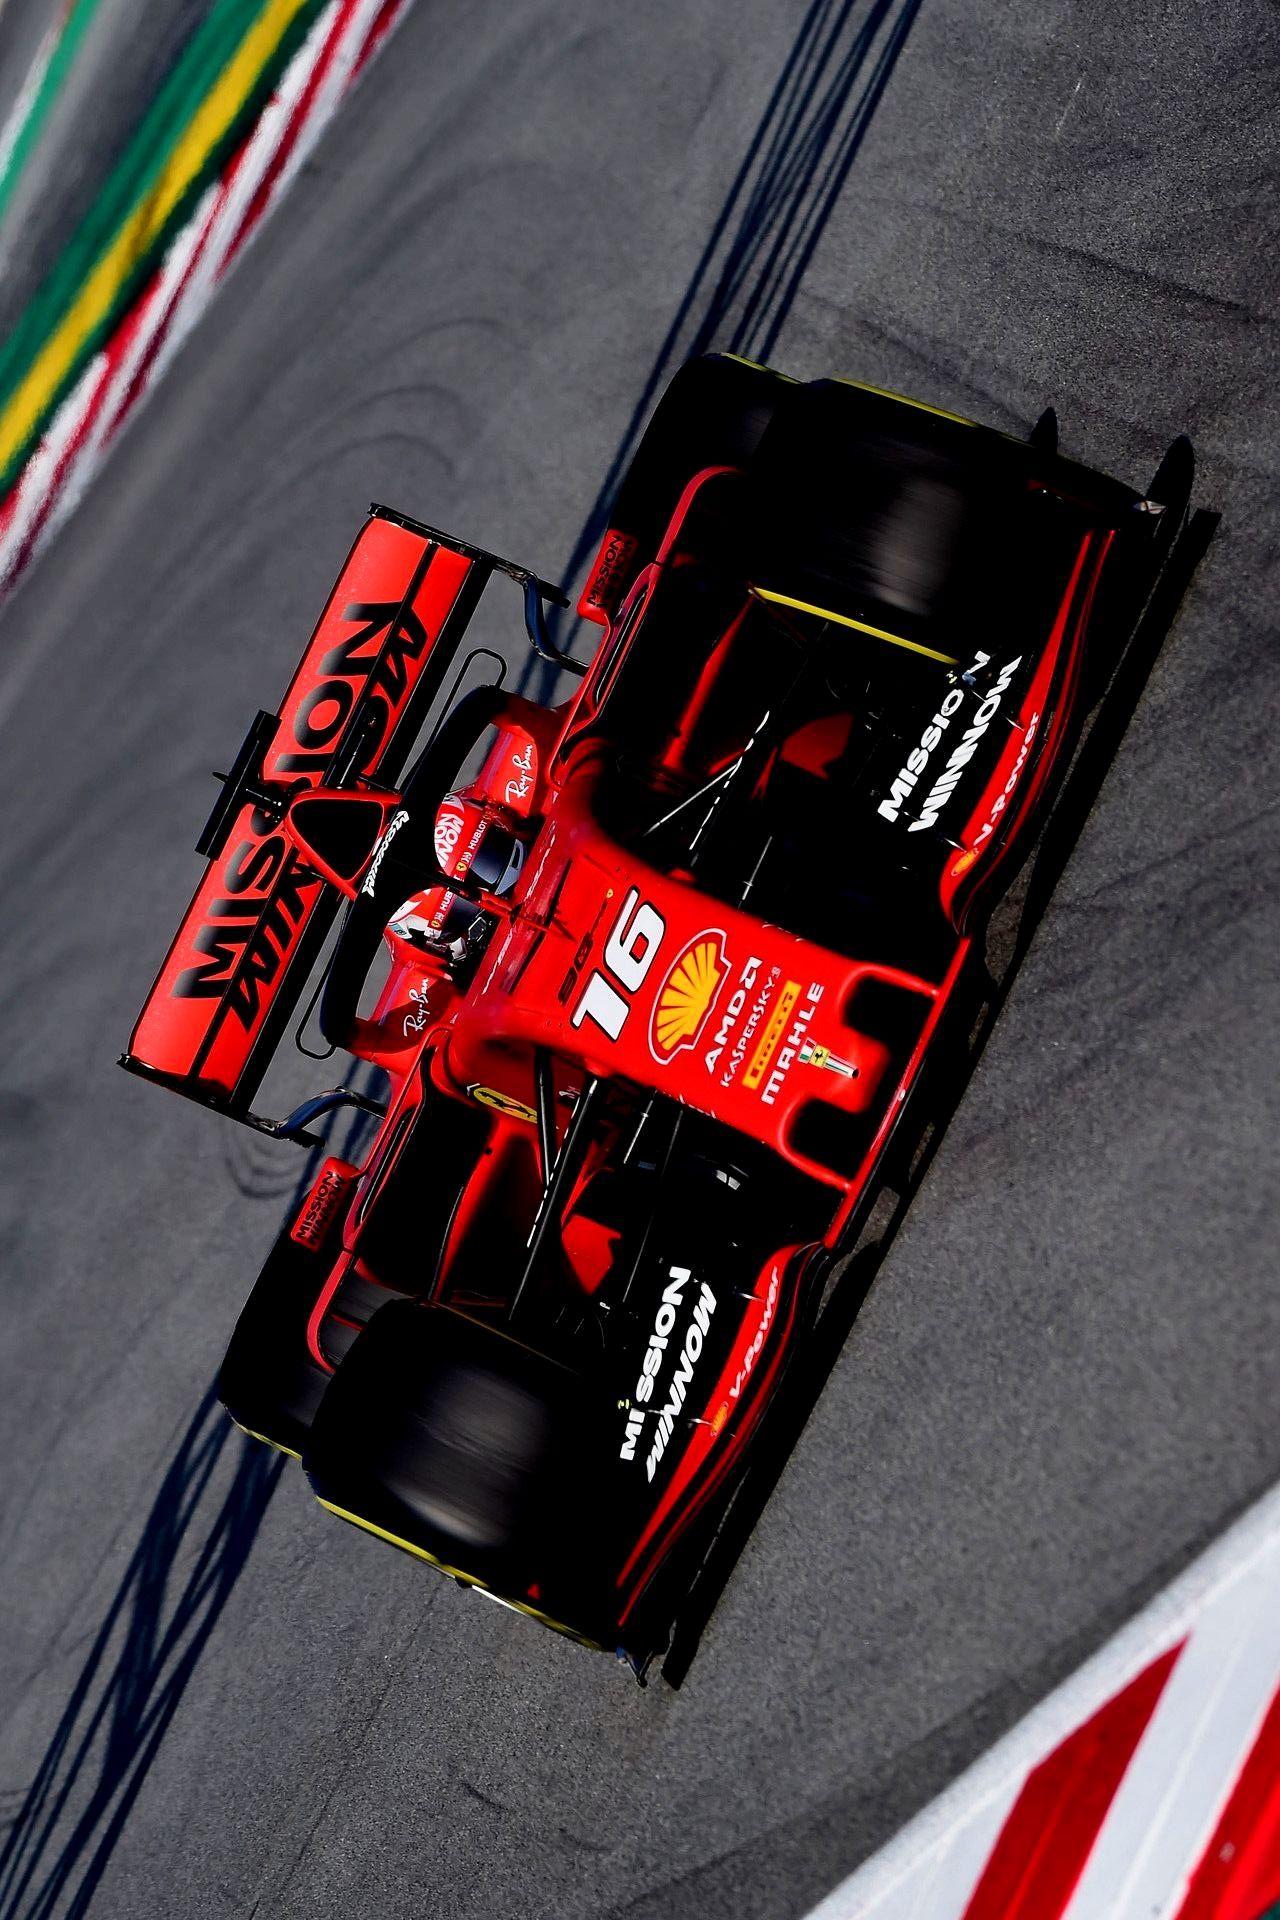 2019 3 2 Twitter Scuderiaferrari F1 F12019 Formulaone